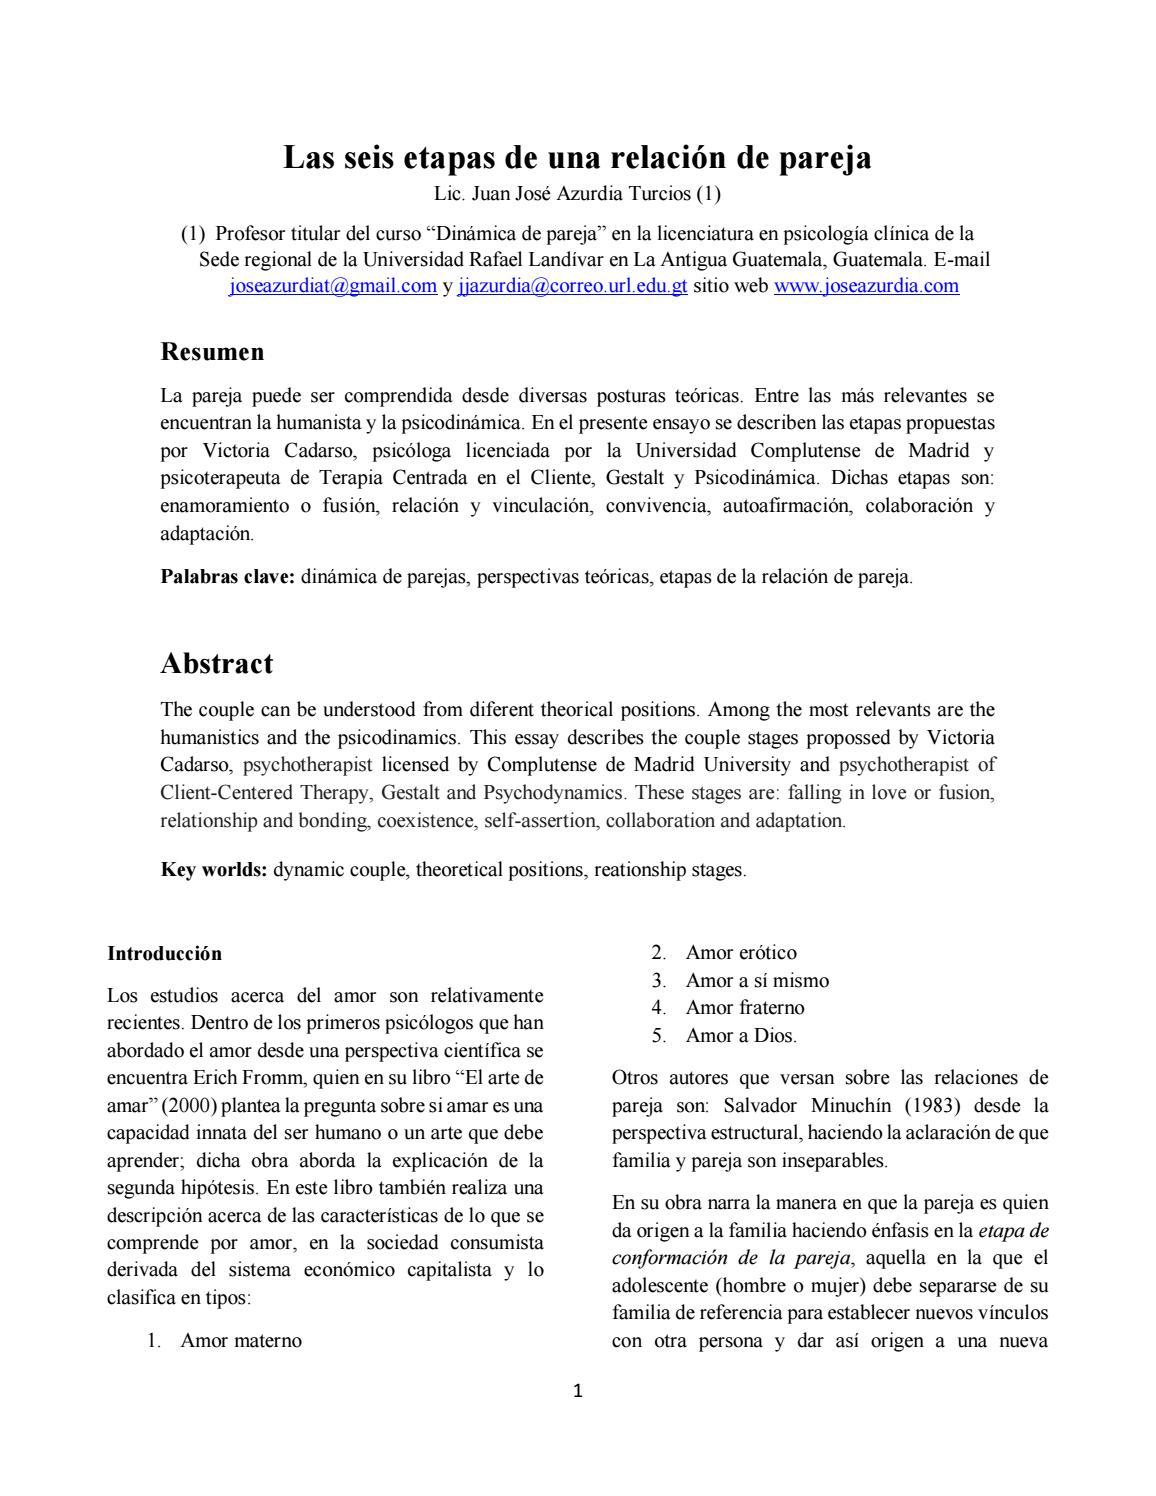 Las 6 etapas de una relación de pareja by JÓse Azurdia - issuu